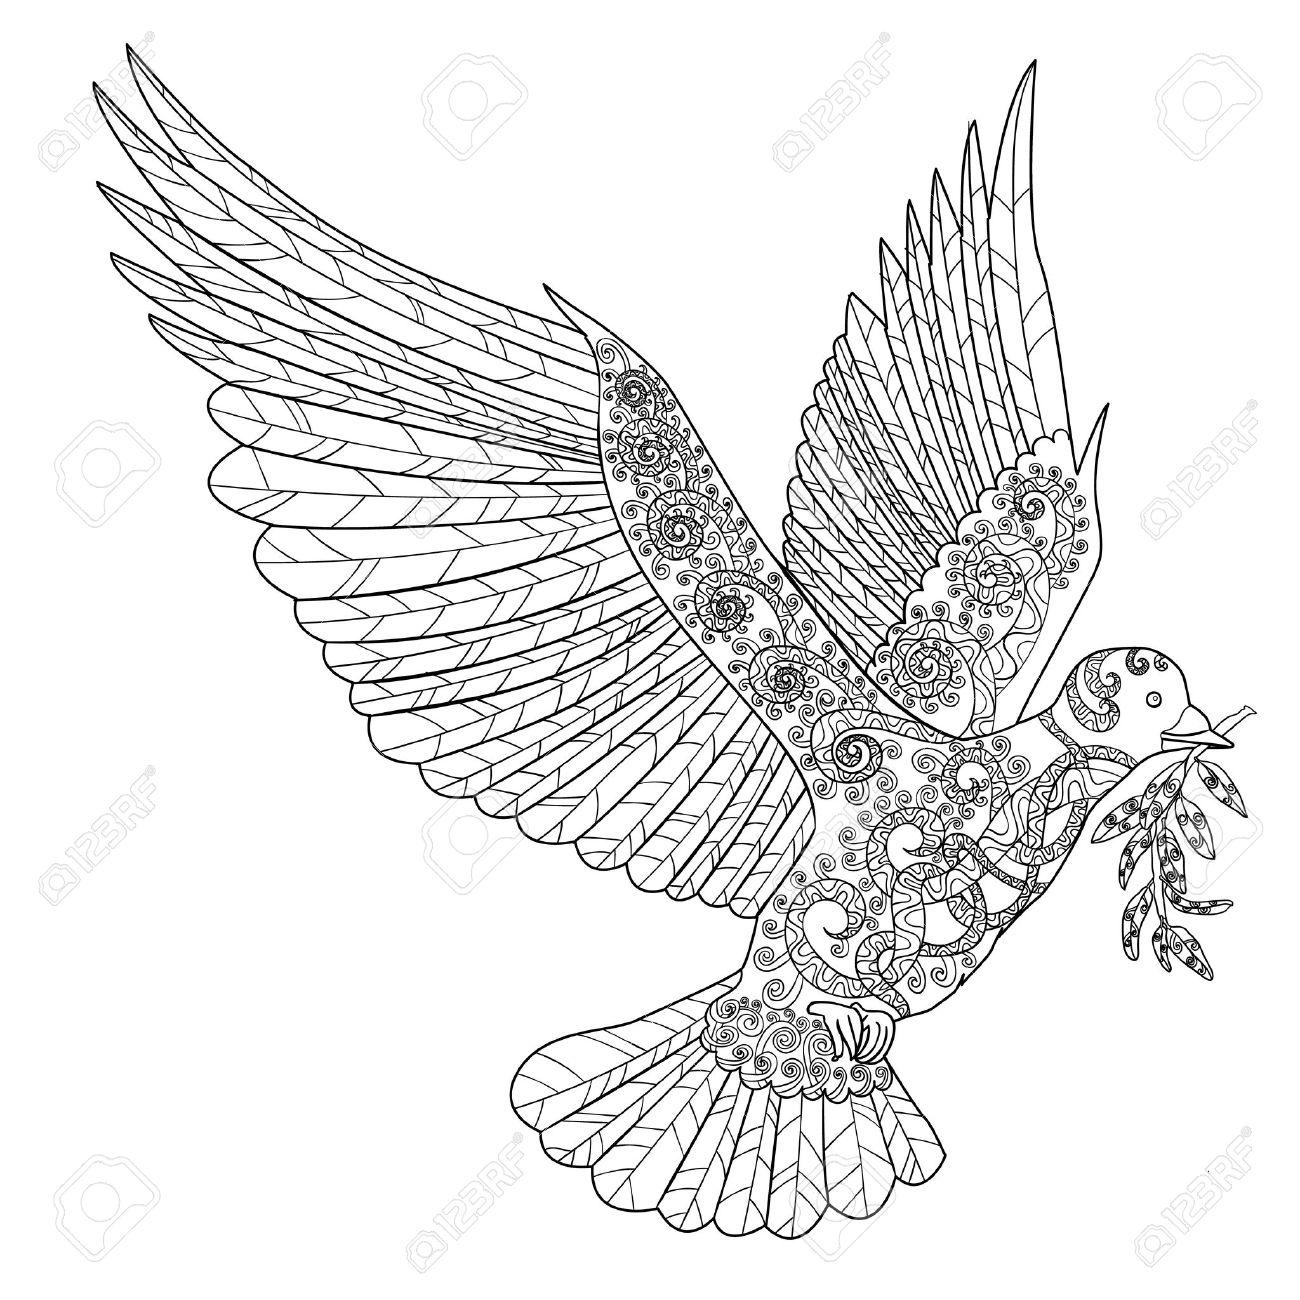 Voler Colombe Avec Le Rameau D Olivier Adulte Coloriages Antistress Main Blanche Noir Dessine Oiseau Doodle Symbole De Paix Dessinez Pour Le Tatouage Affiche Impression T Shirt Vector Clip Art Libres De Droits